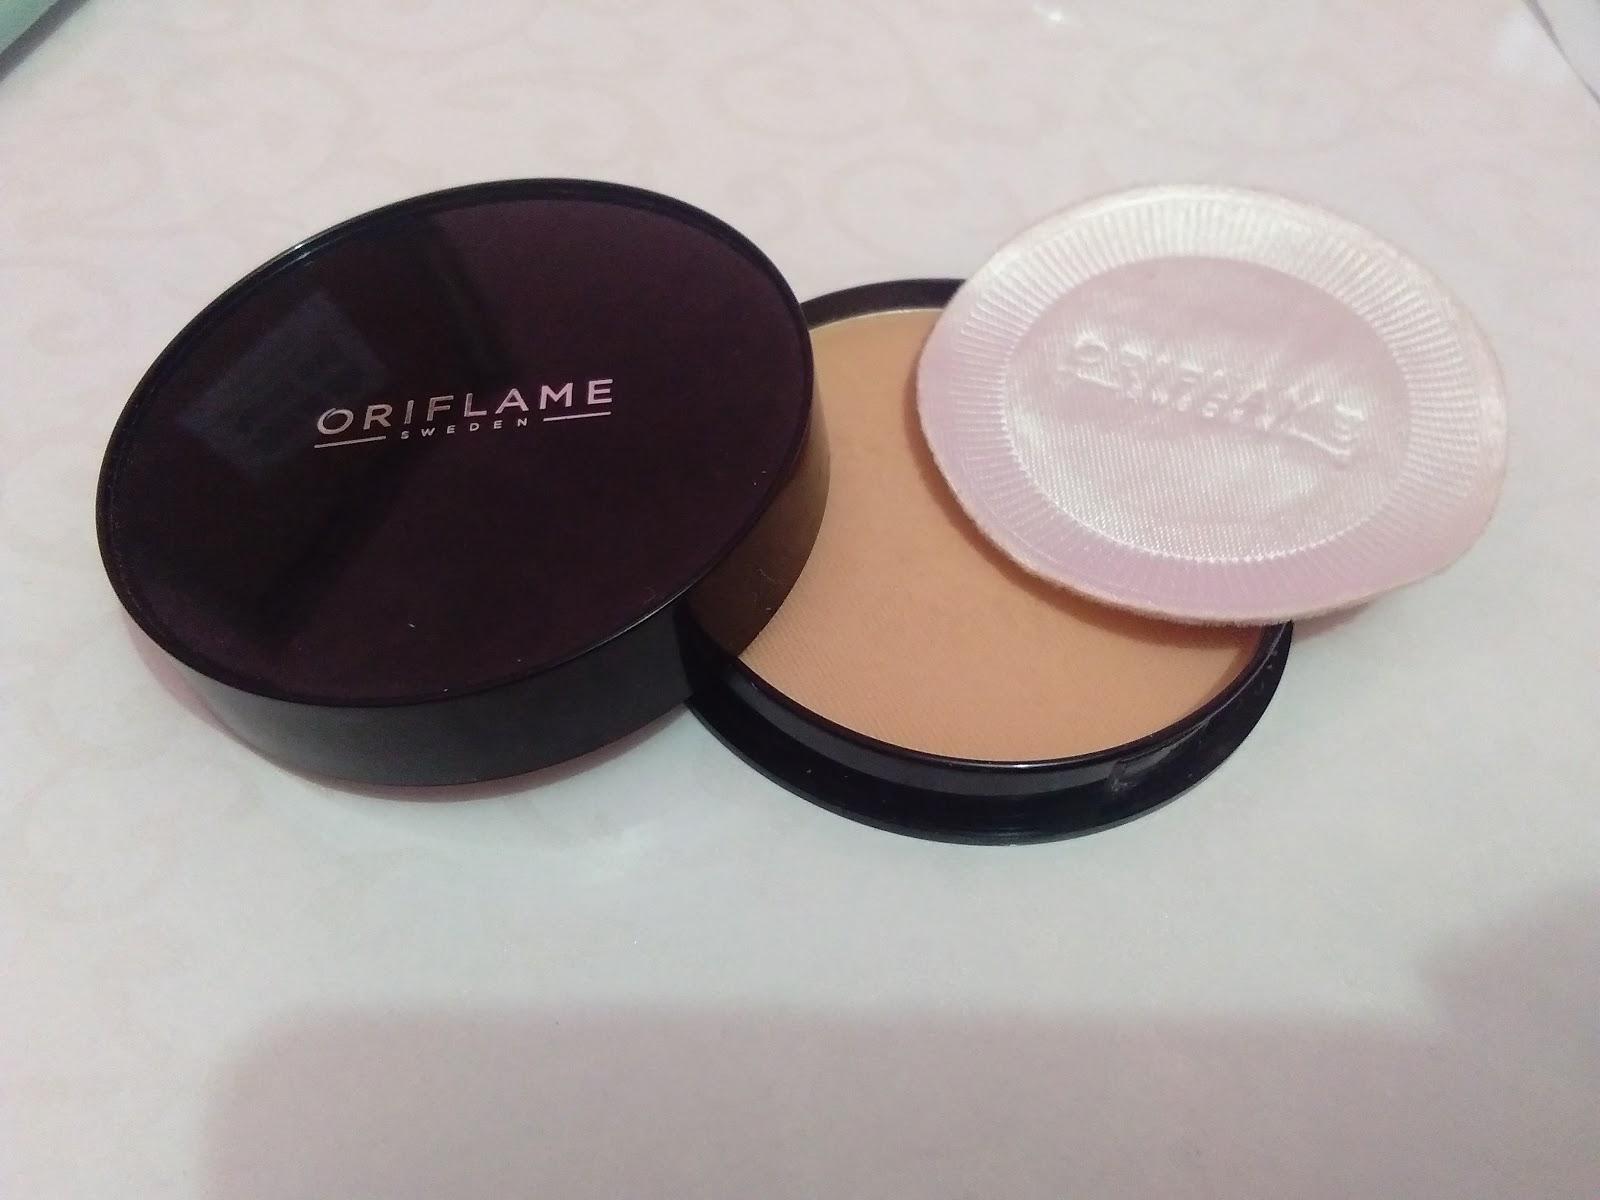 One Touch Review Bedak Padat Oriflame Pure Colour Pressed Powder Ini Memiliki 2 Pilihan Warna Yaitu Light Dan Medium Cocok Untuk Kulit Wanita Asia Yang Berwarna Kuning Langsat Sawo Matang